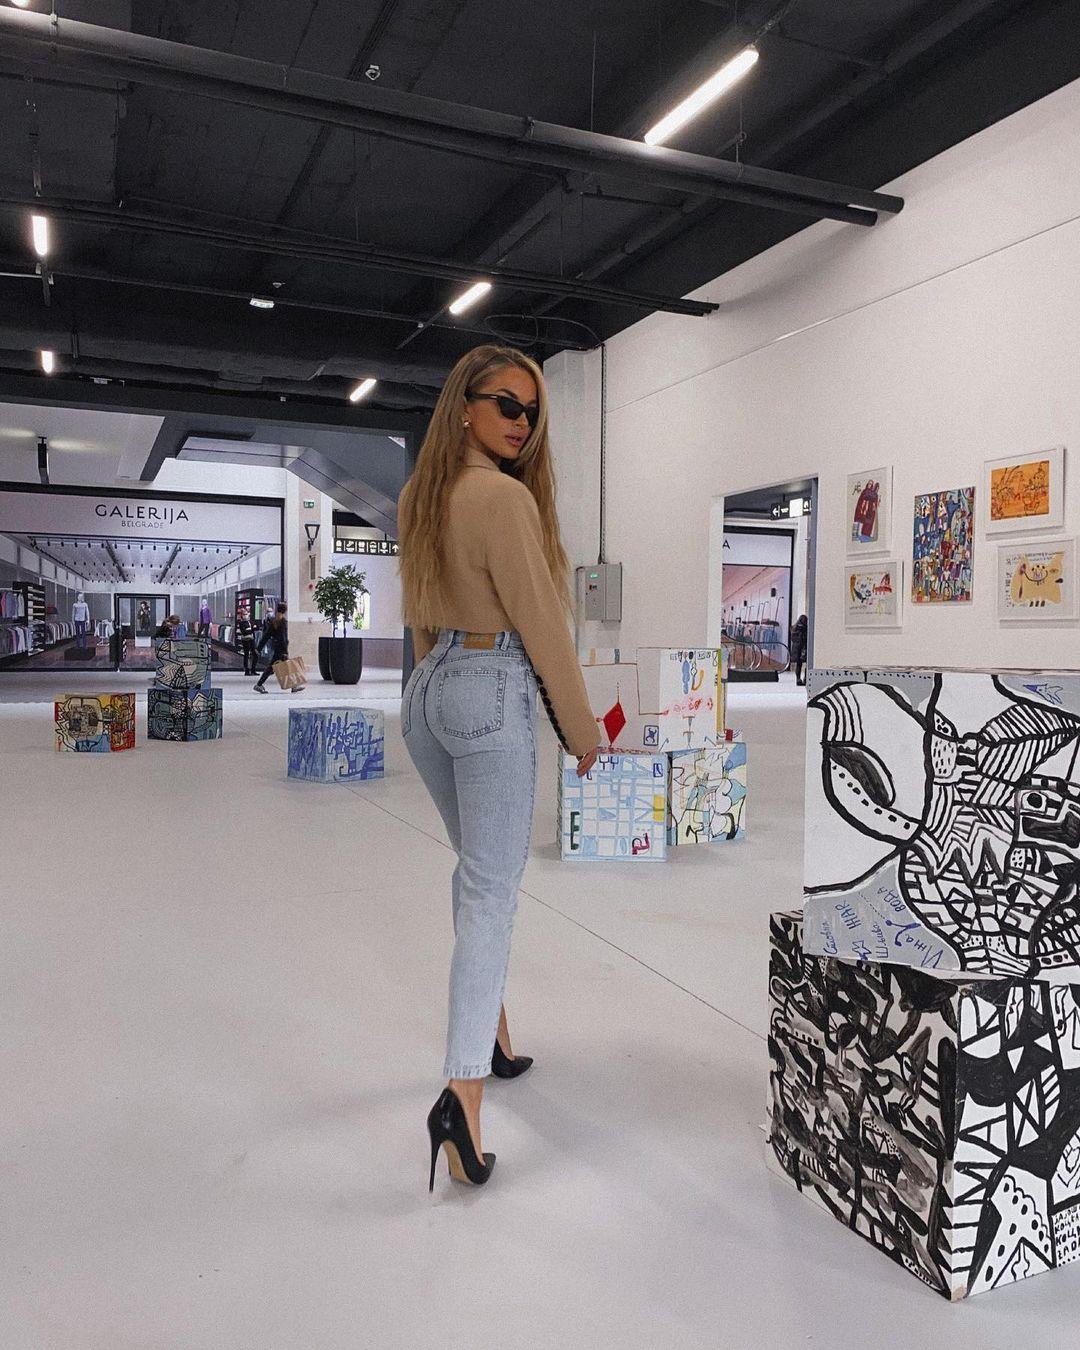 Teodora-Dzehverovic-Wallpapers-Insta-Fit-Bio-10